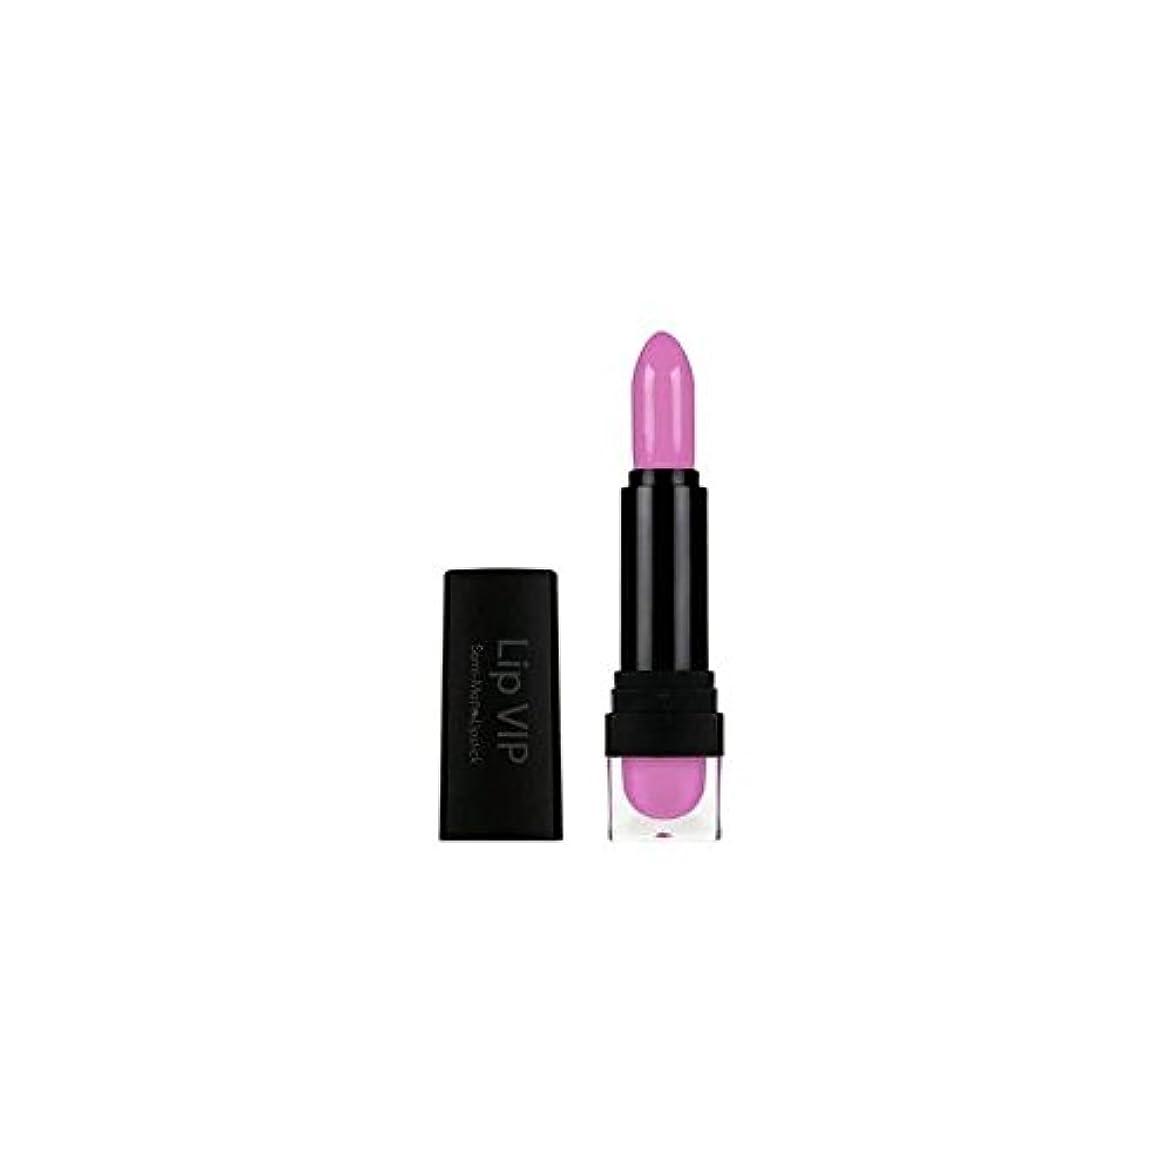 乱用暴力入り口なめらかな気まぐれなコレクションリップ..大物 x2 - Sleek Whimsical Collection Lip V.I.P Big Shot (Pack of 2) [並行輸入品]